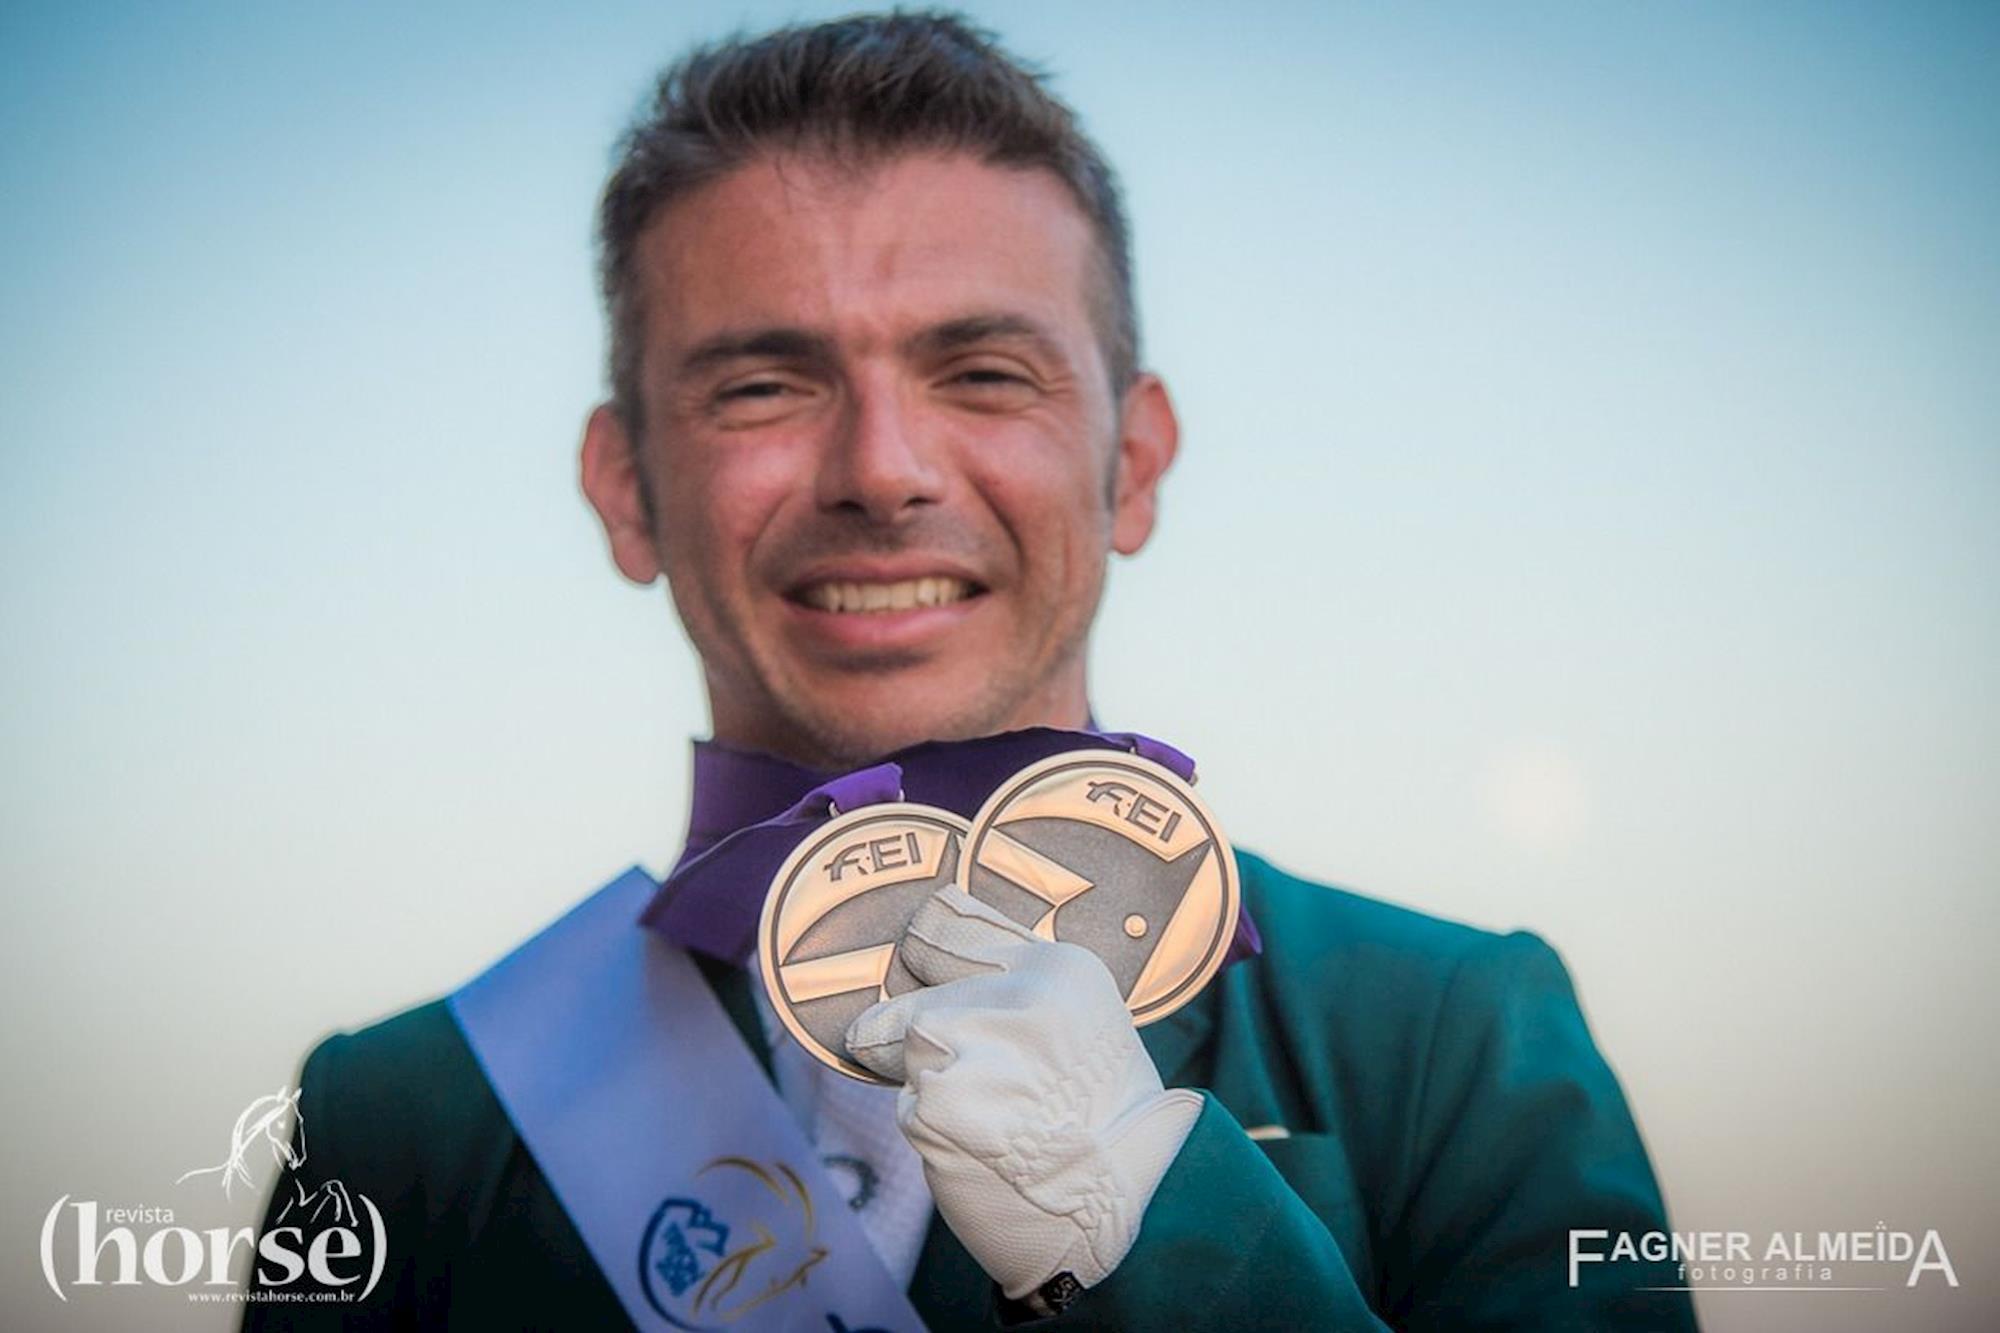 Rodopho Riskalla garante sua segunda medalha de Prata nos Jogos Mundiais